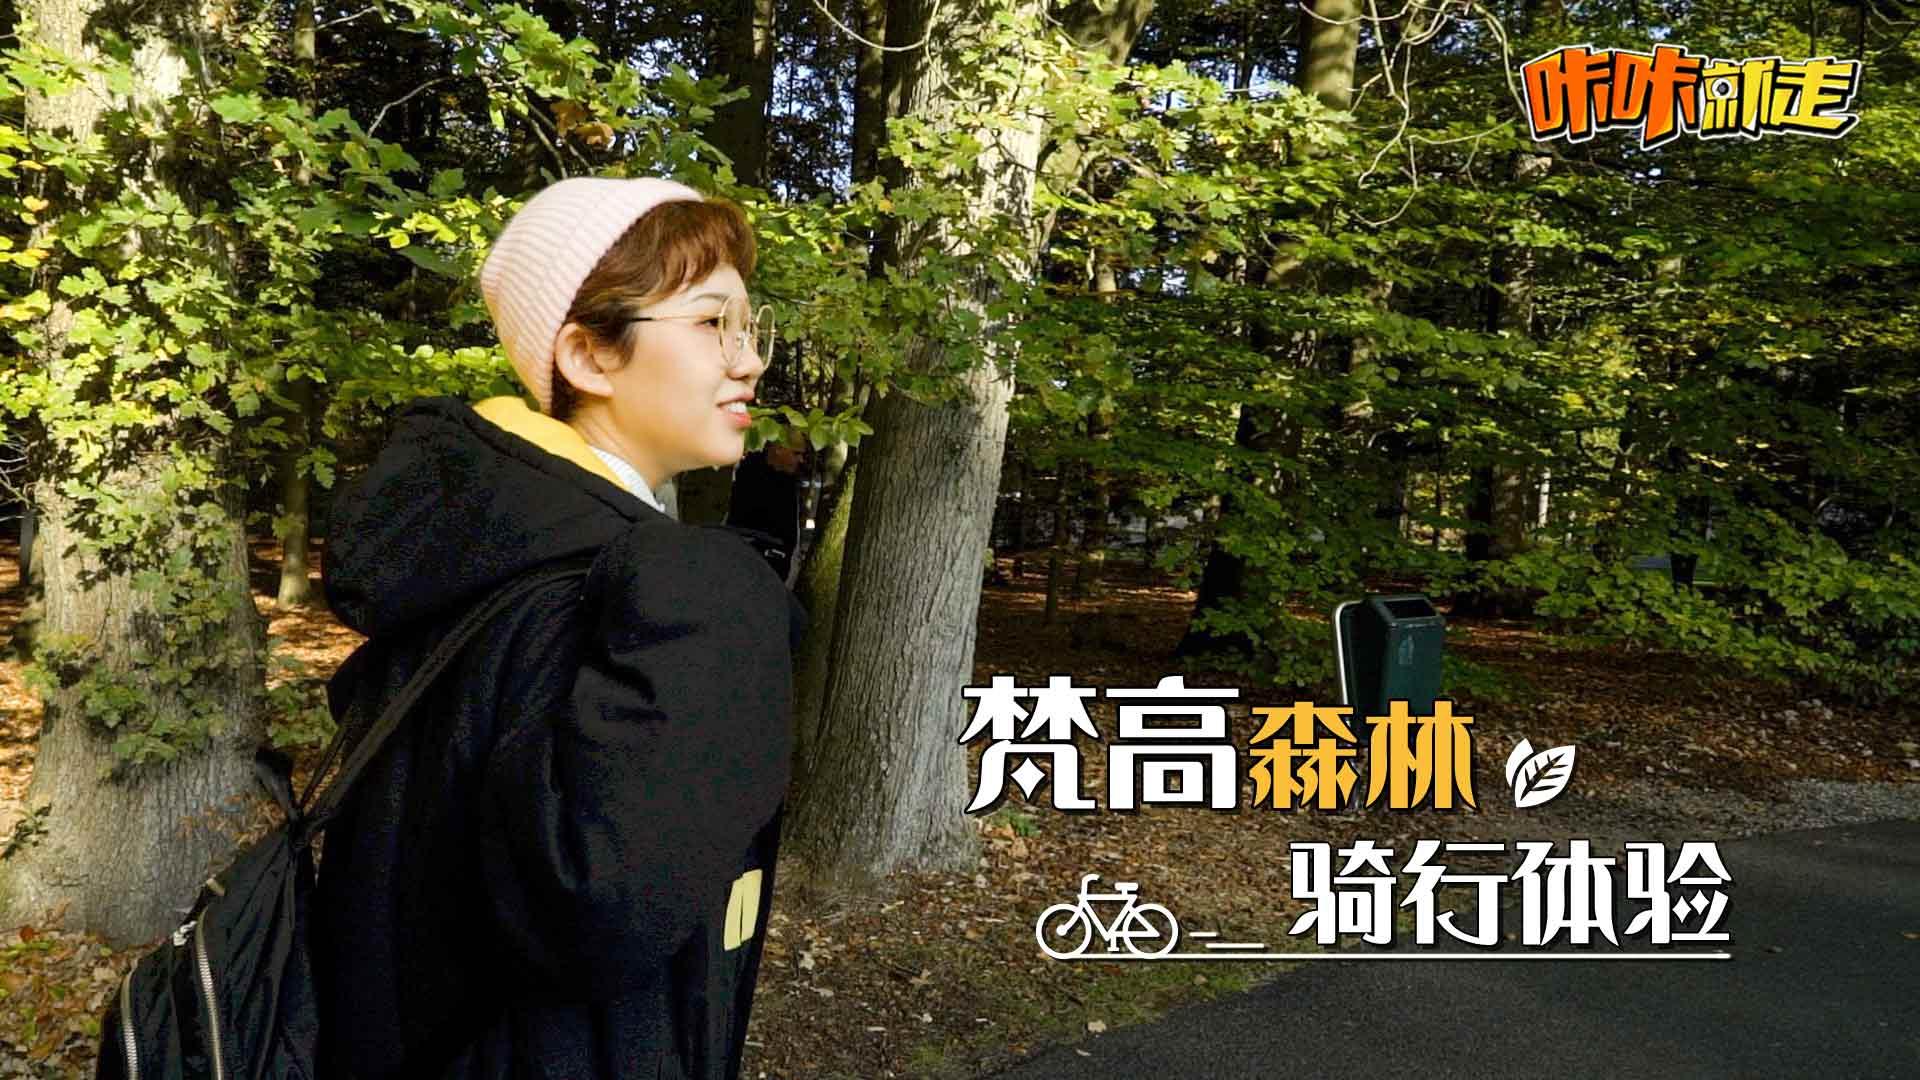 漫步梵高森林,带你畅游清新天地!